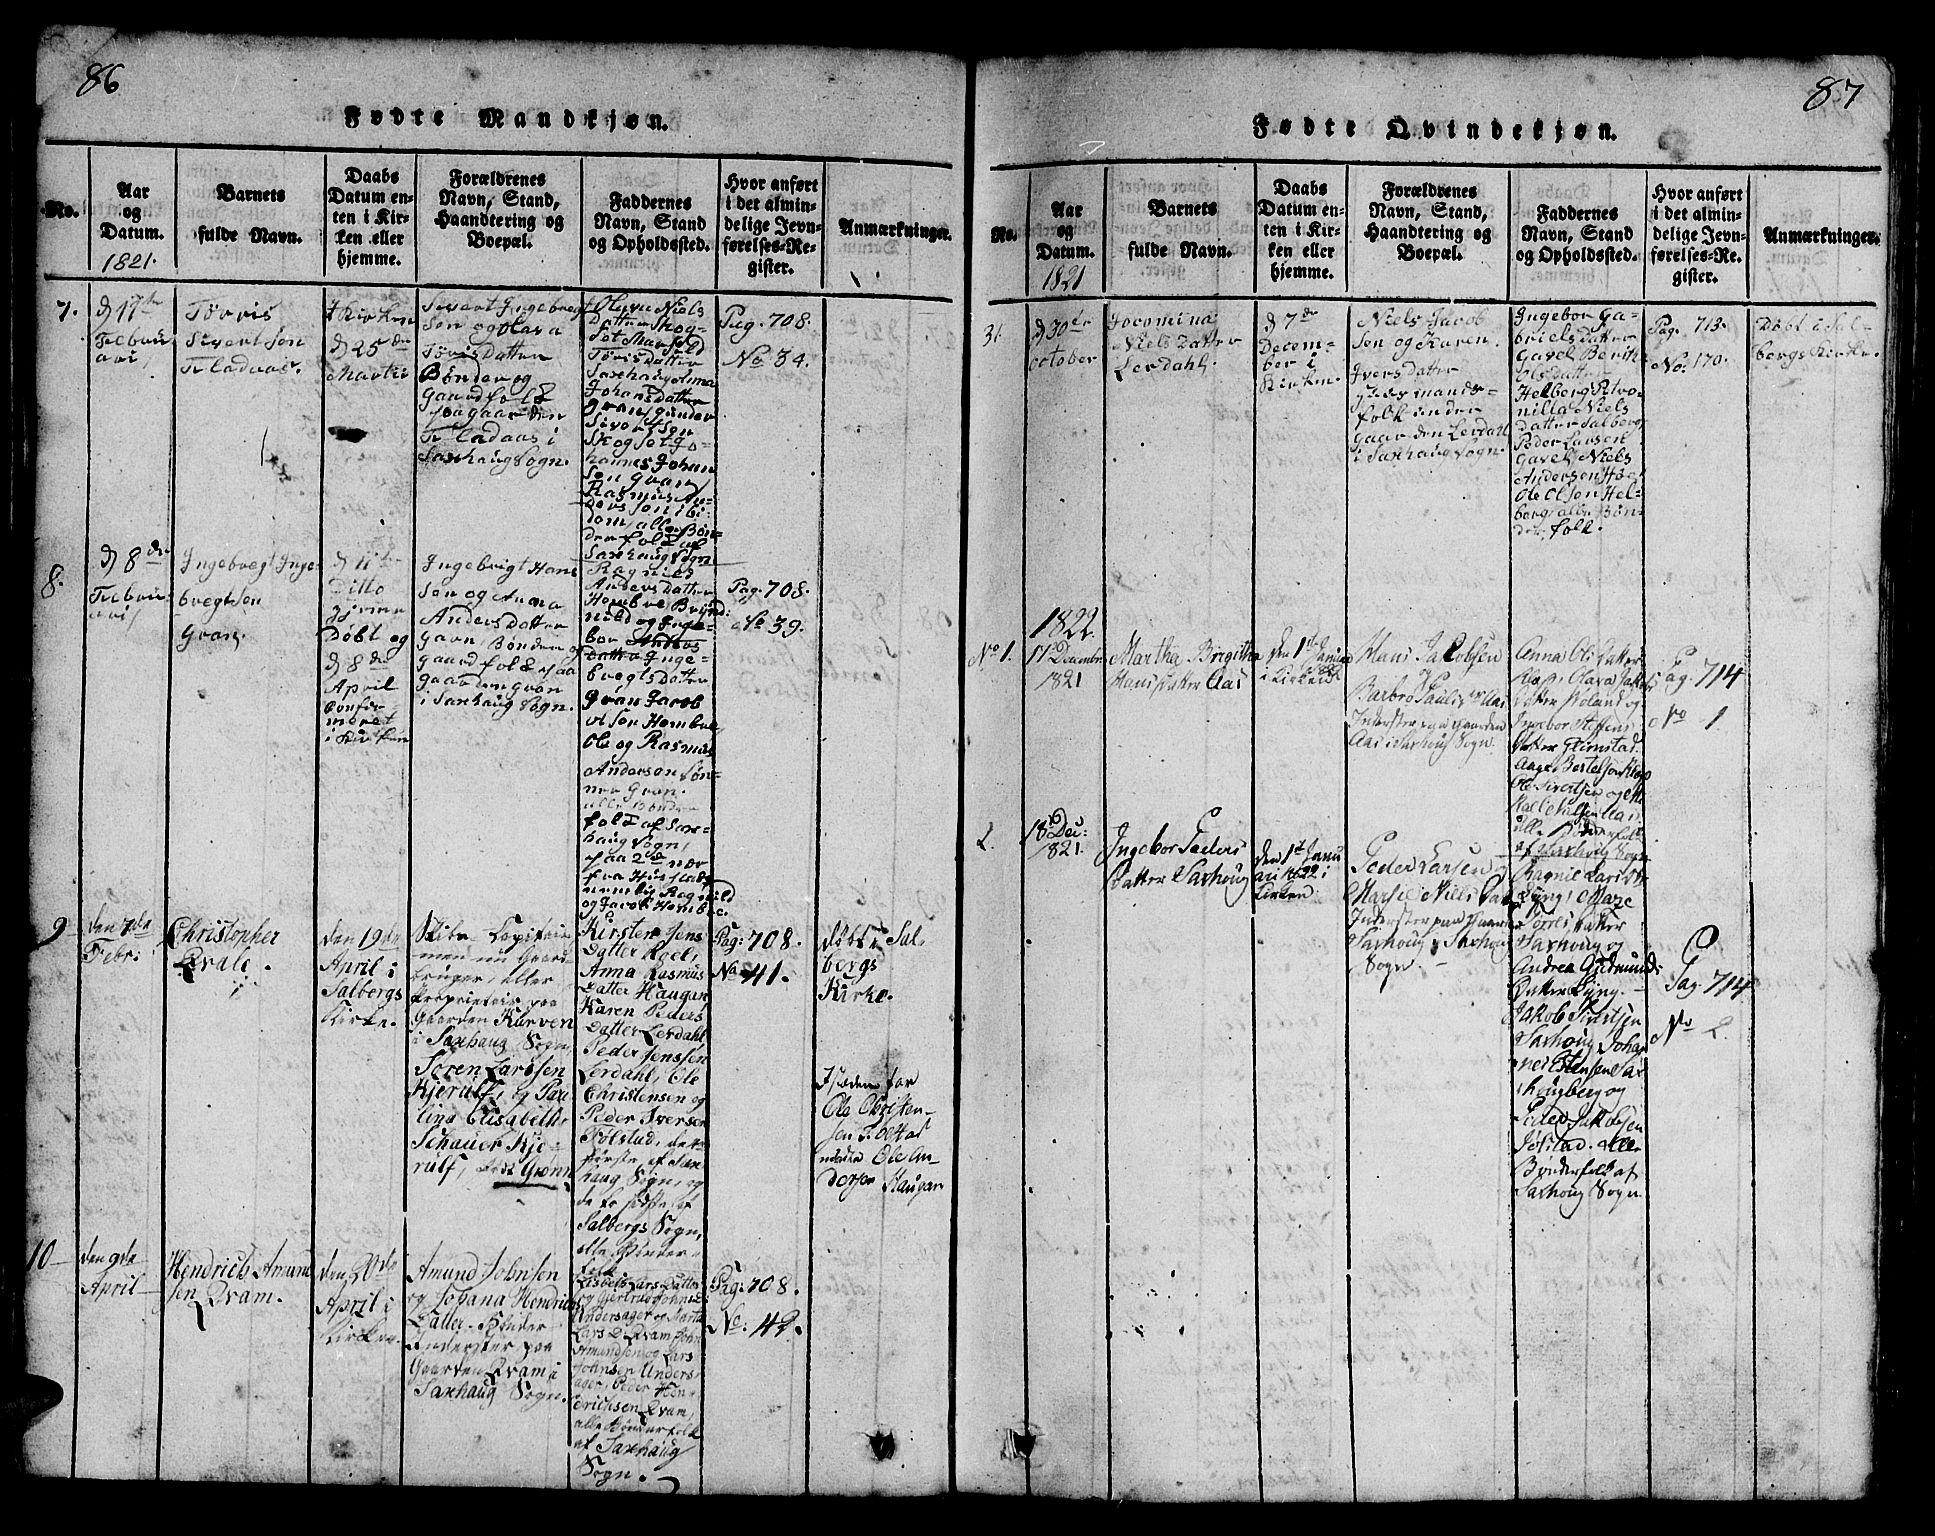 SAT, Ministerialprotokoller, klokkerbøker og fødselsregistre - Nord-Trøndelag, 730/L0298: Klokkerbok nr. 730C01, 1816-1849, s. 86-87